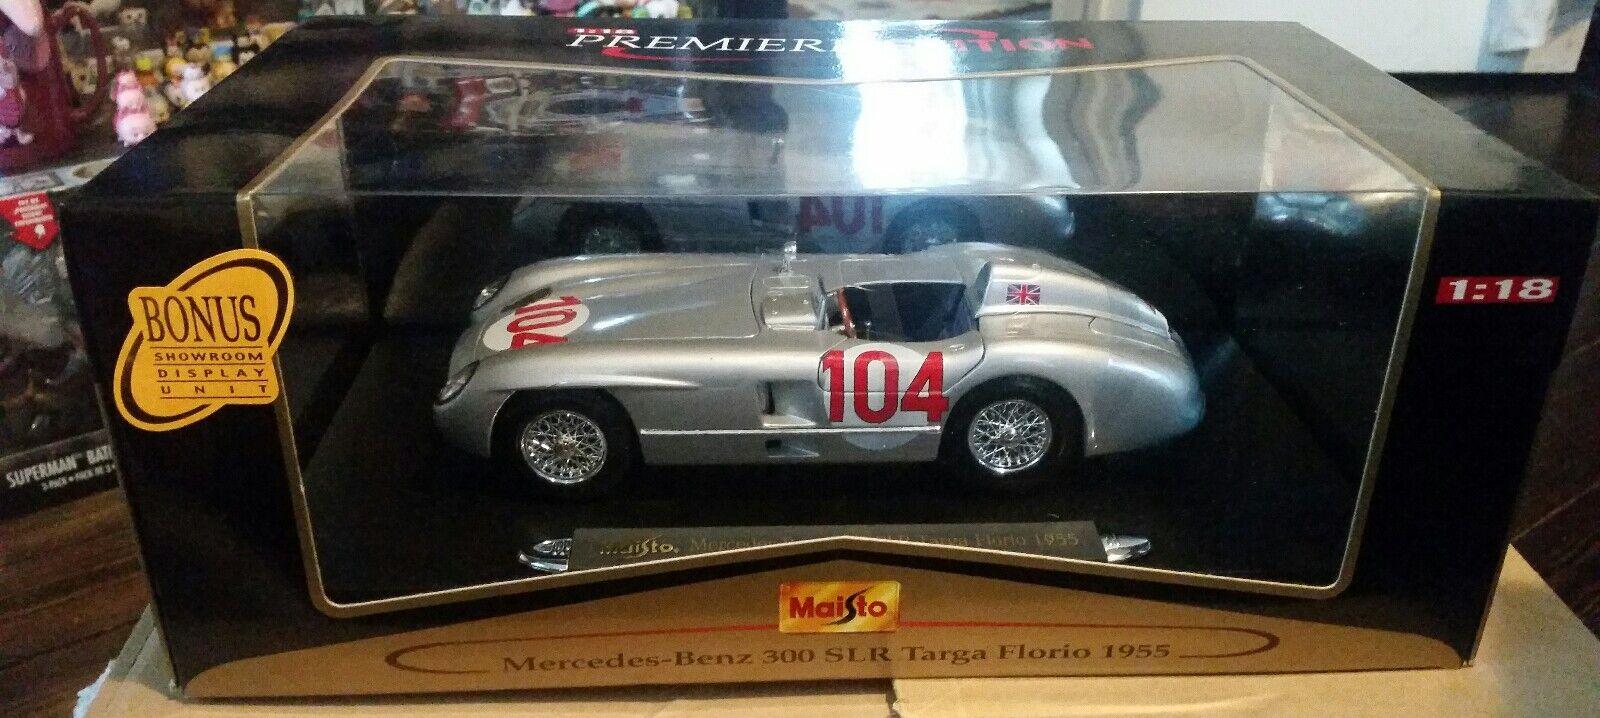 Maisto 1 18 Premiere Edition 1955 Mercedes-Benz 300 SLR Targa Florio MIB